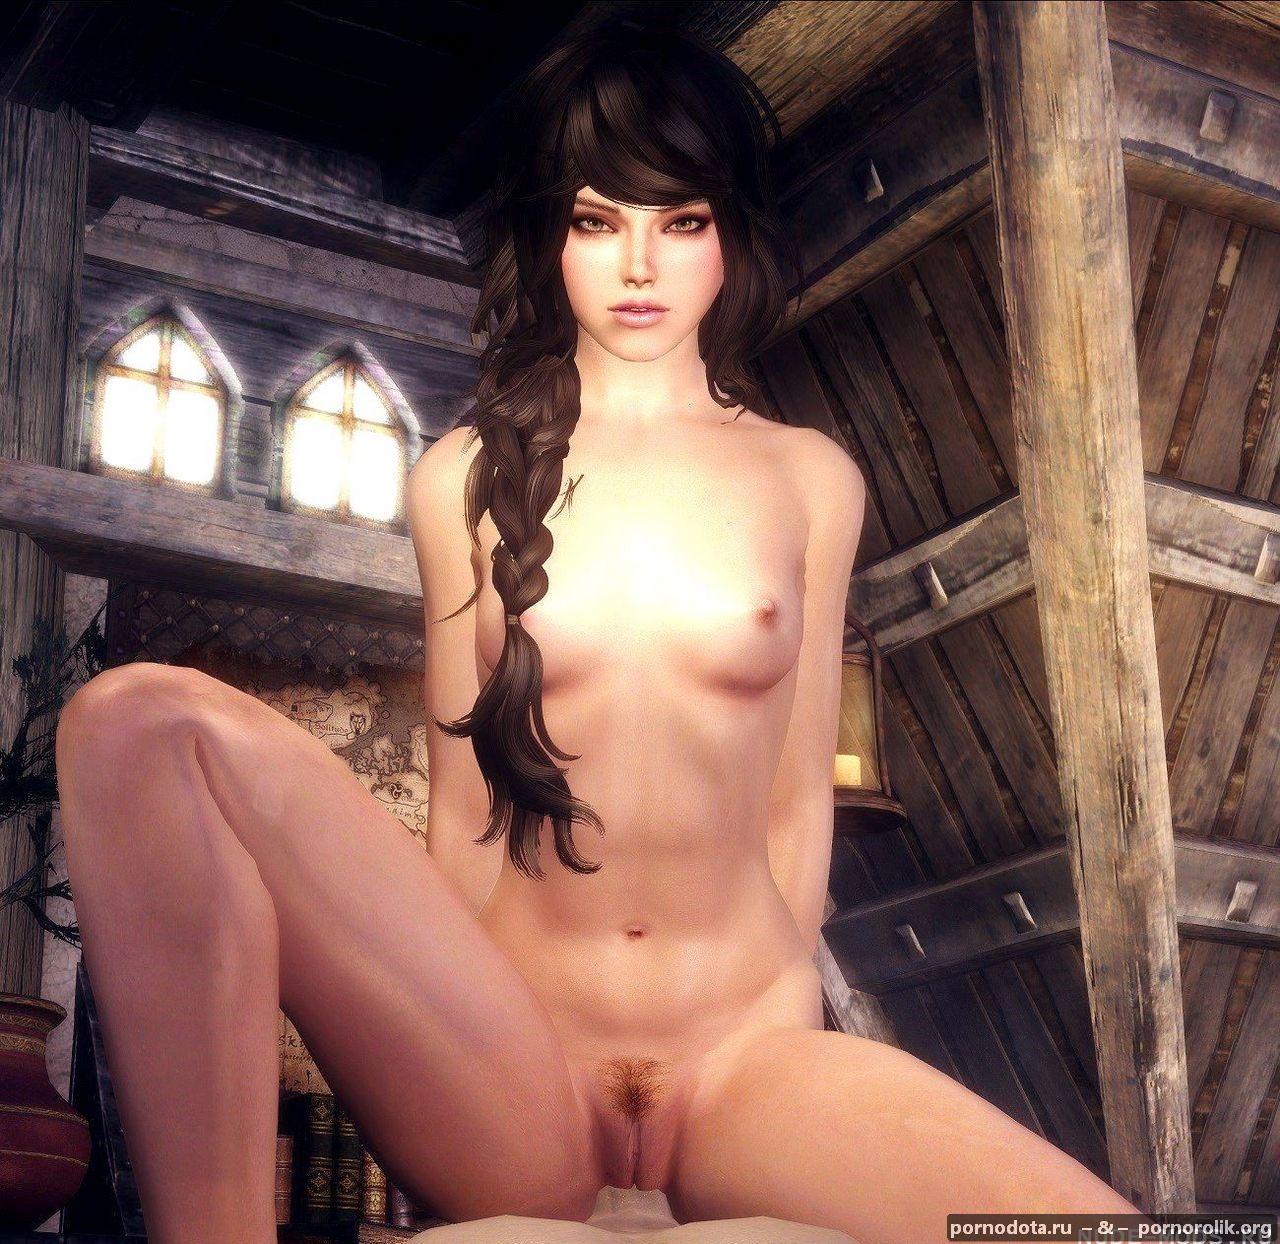 скачать бесплатные порно картинки секс